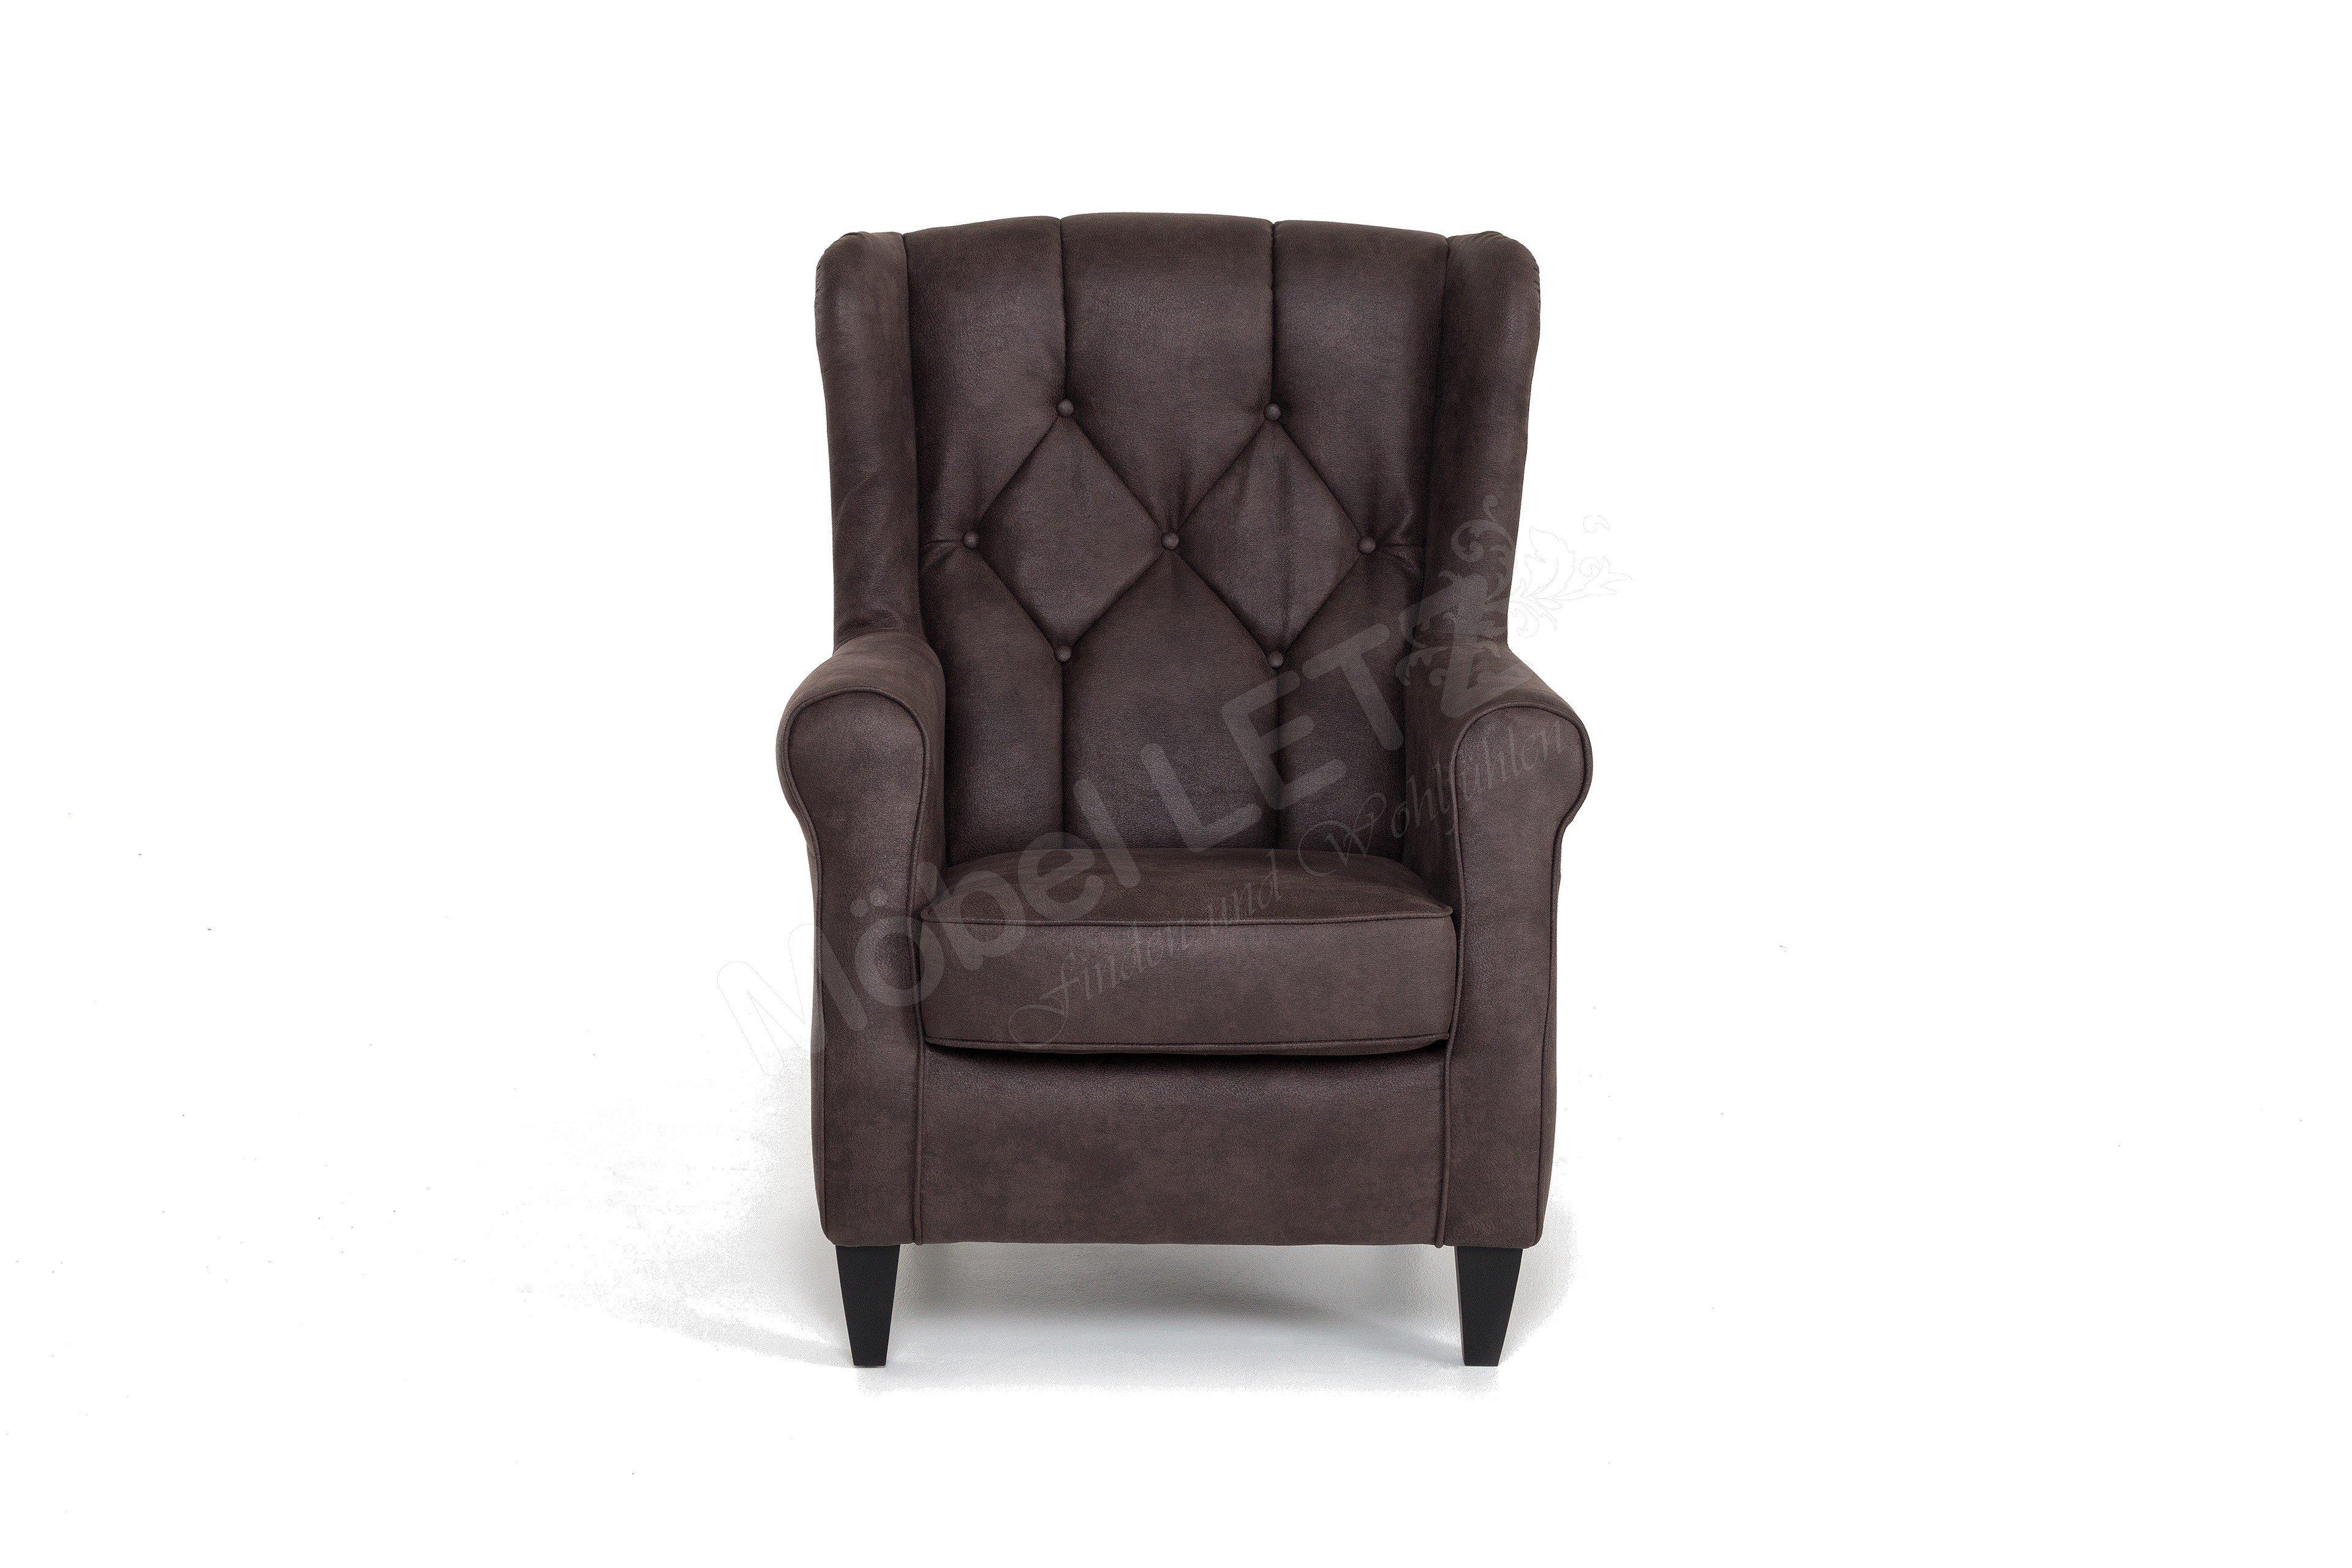 dfm polsterm bel sherman sessel in braun m bel letz ihr online shop. Black Bedroom Furniture Sets. Home Design Ideas